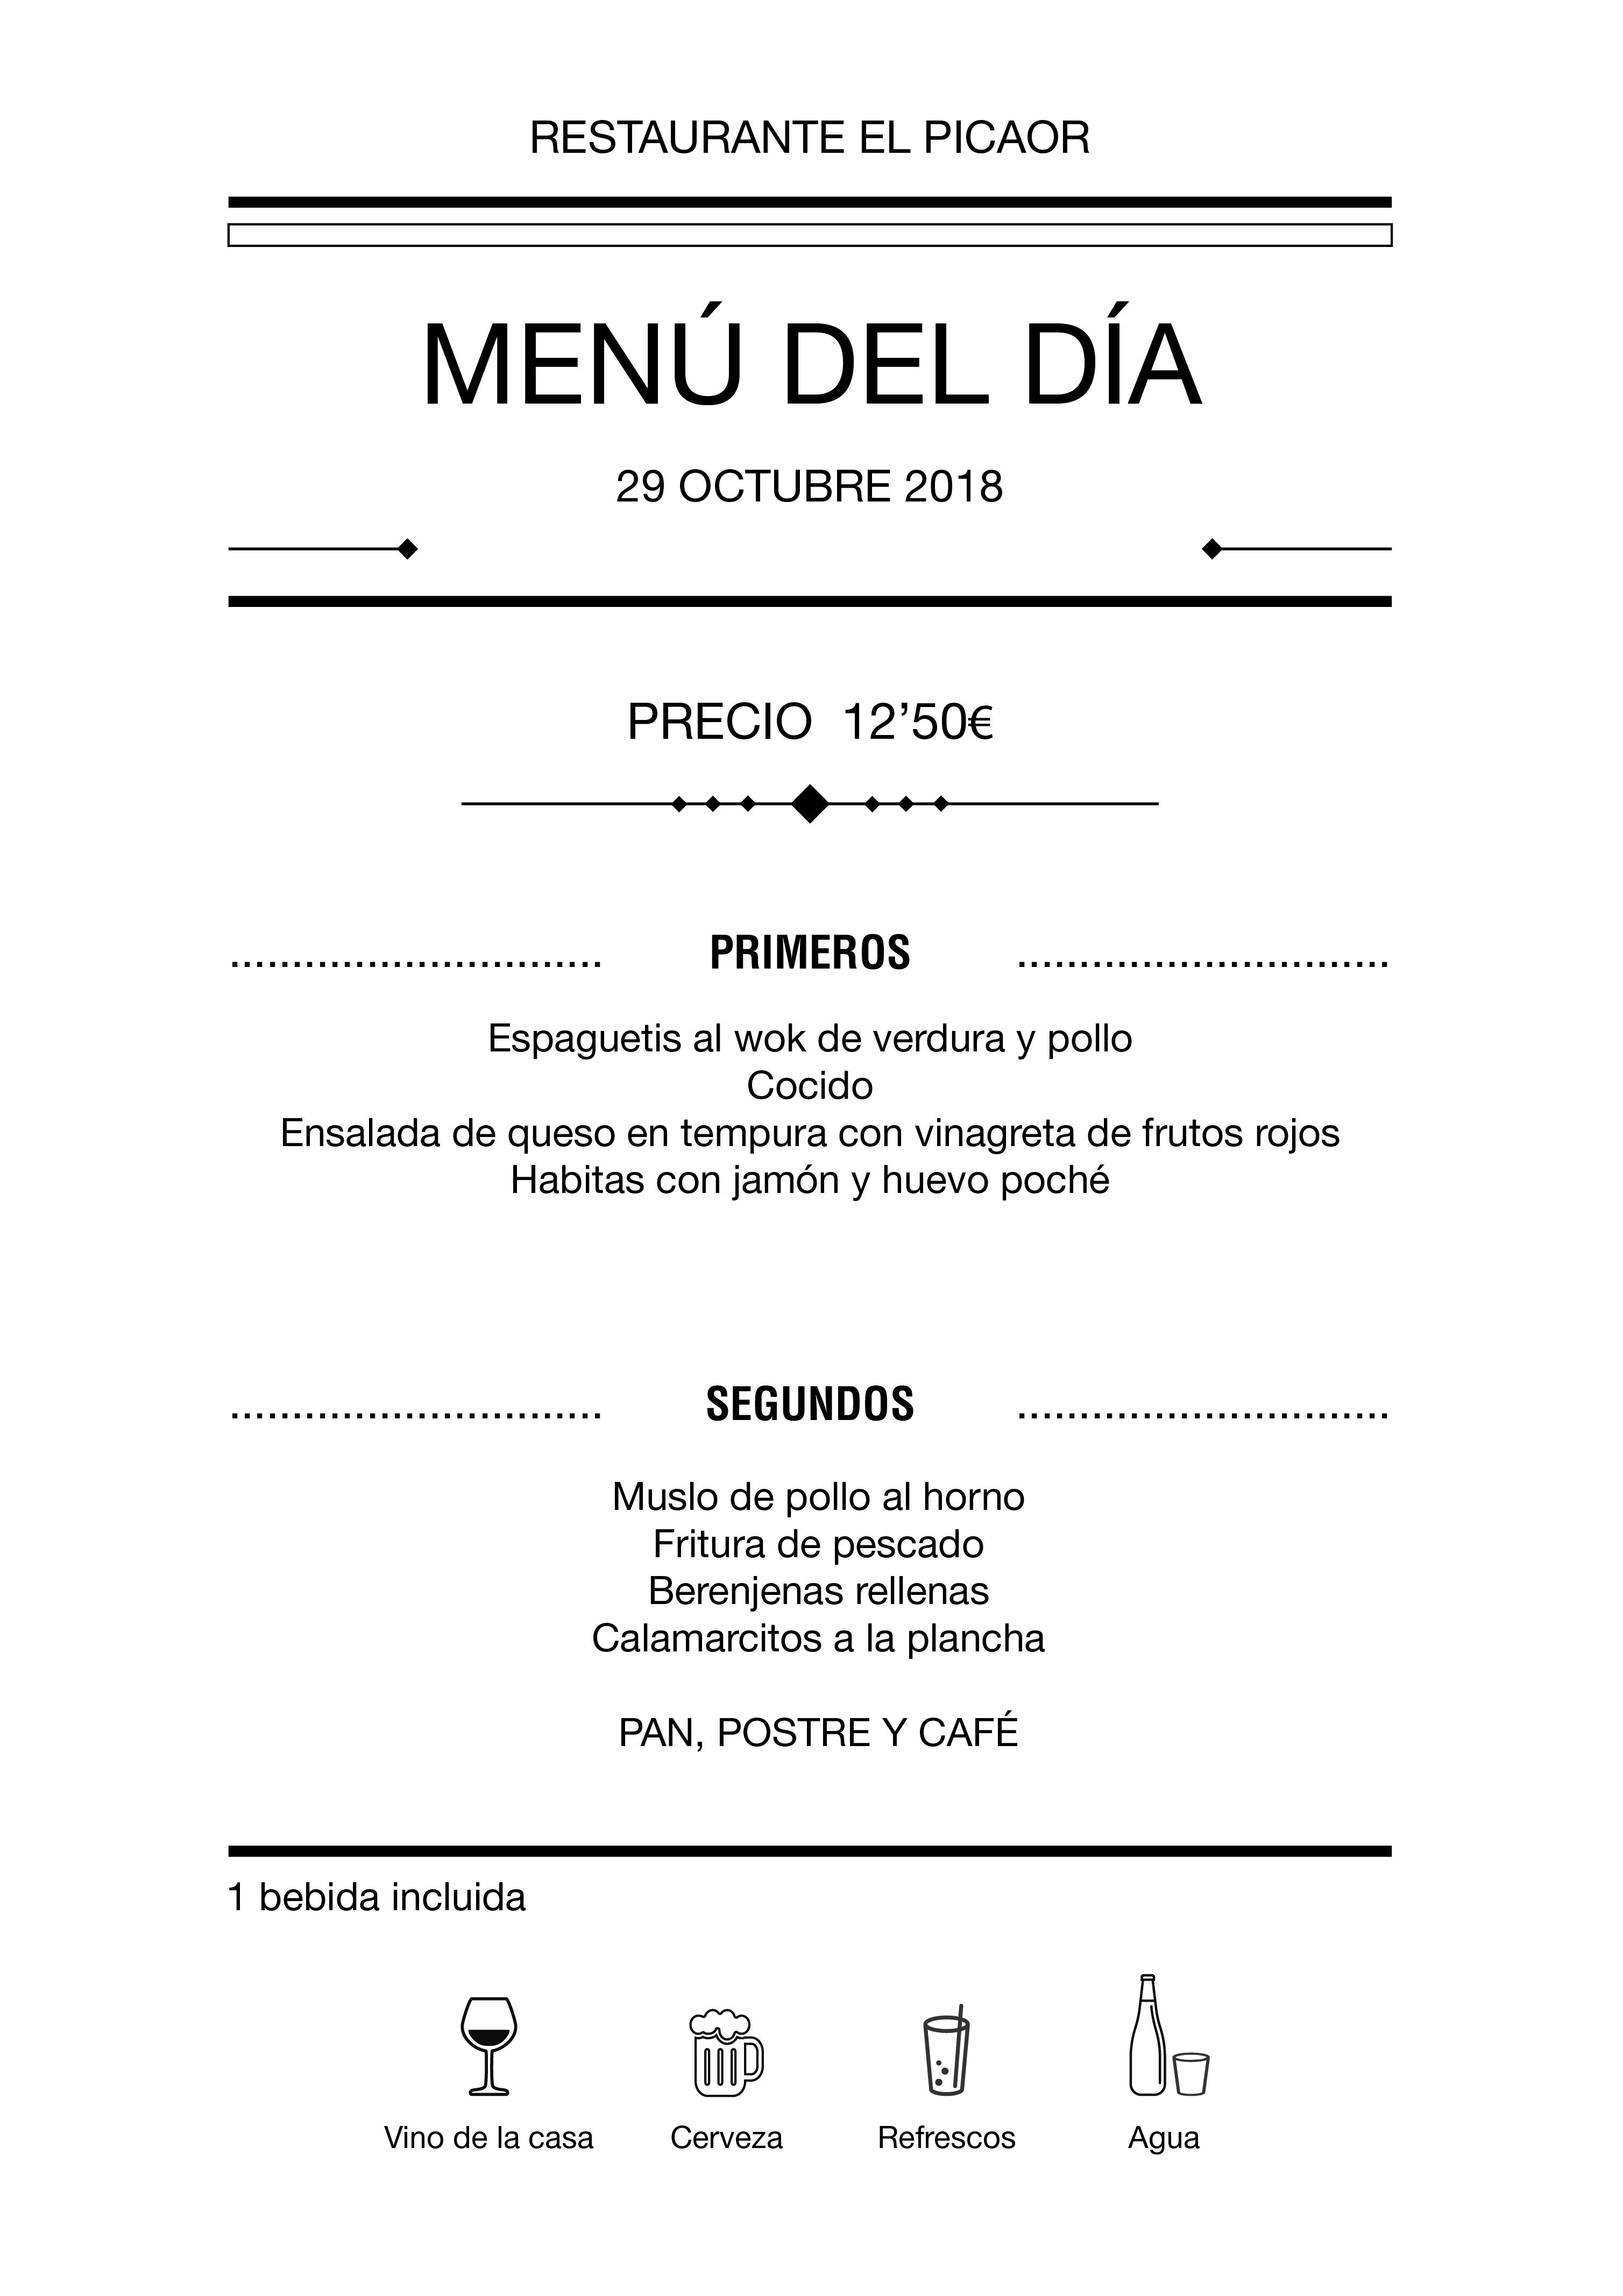 Menú diario El Picaor 25/10/18